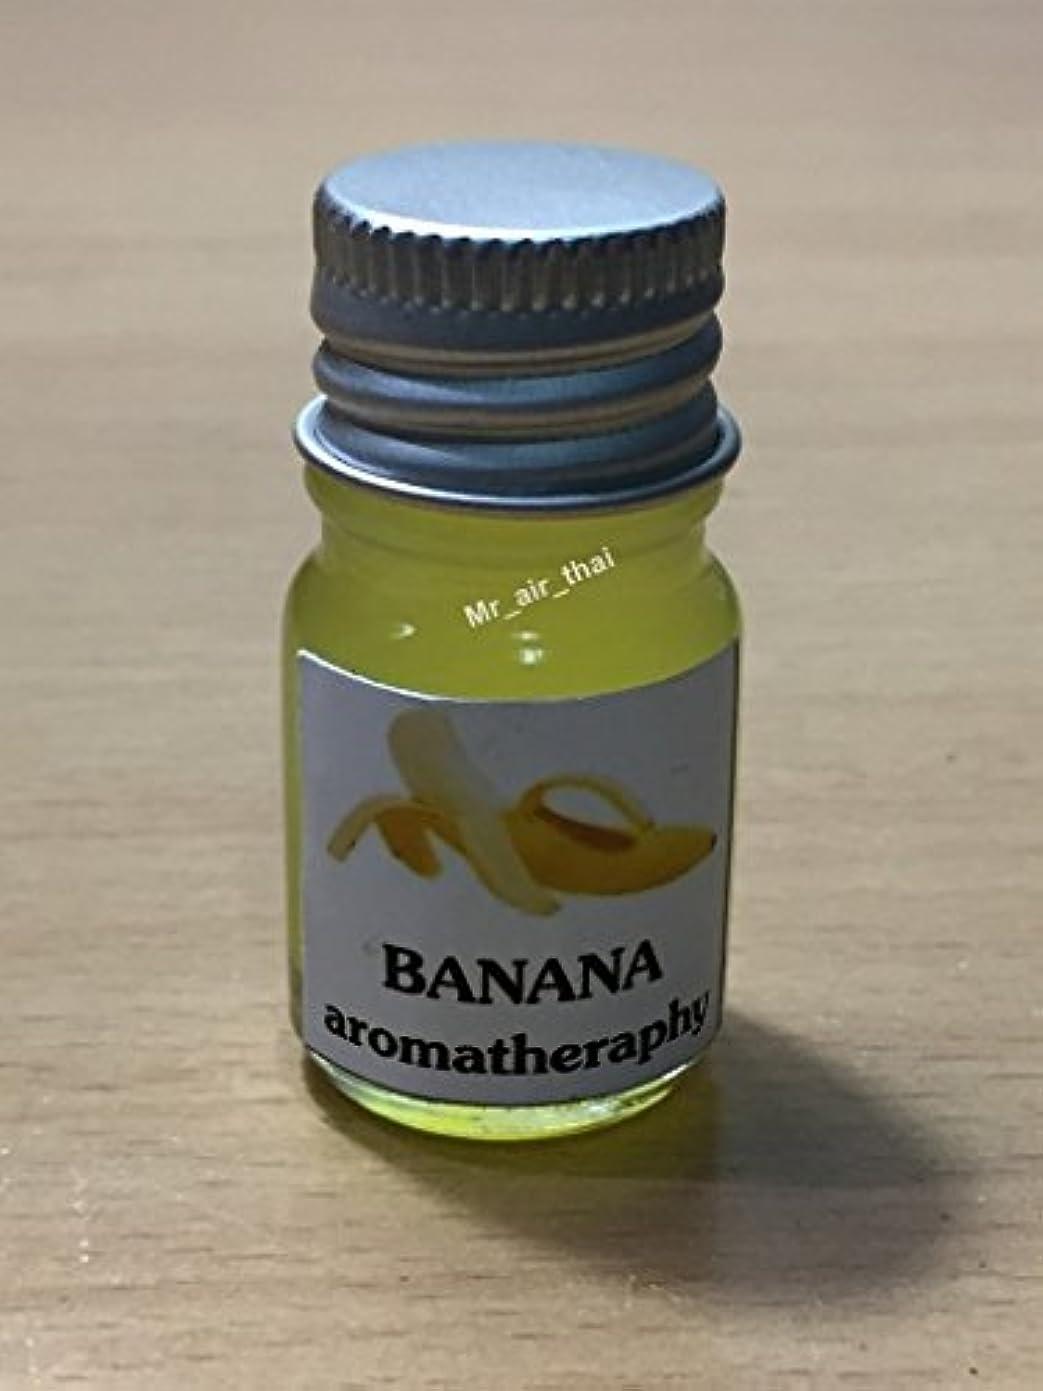 いらいらするスパーク反対に5ミリリットルアロマバナナフランクインセンスエッセンシャルオイルボトルアロマテラピーオイル自然自然5ml Aroma Banana Frankincense Essential Oil Bottles Aromatherapy...